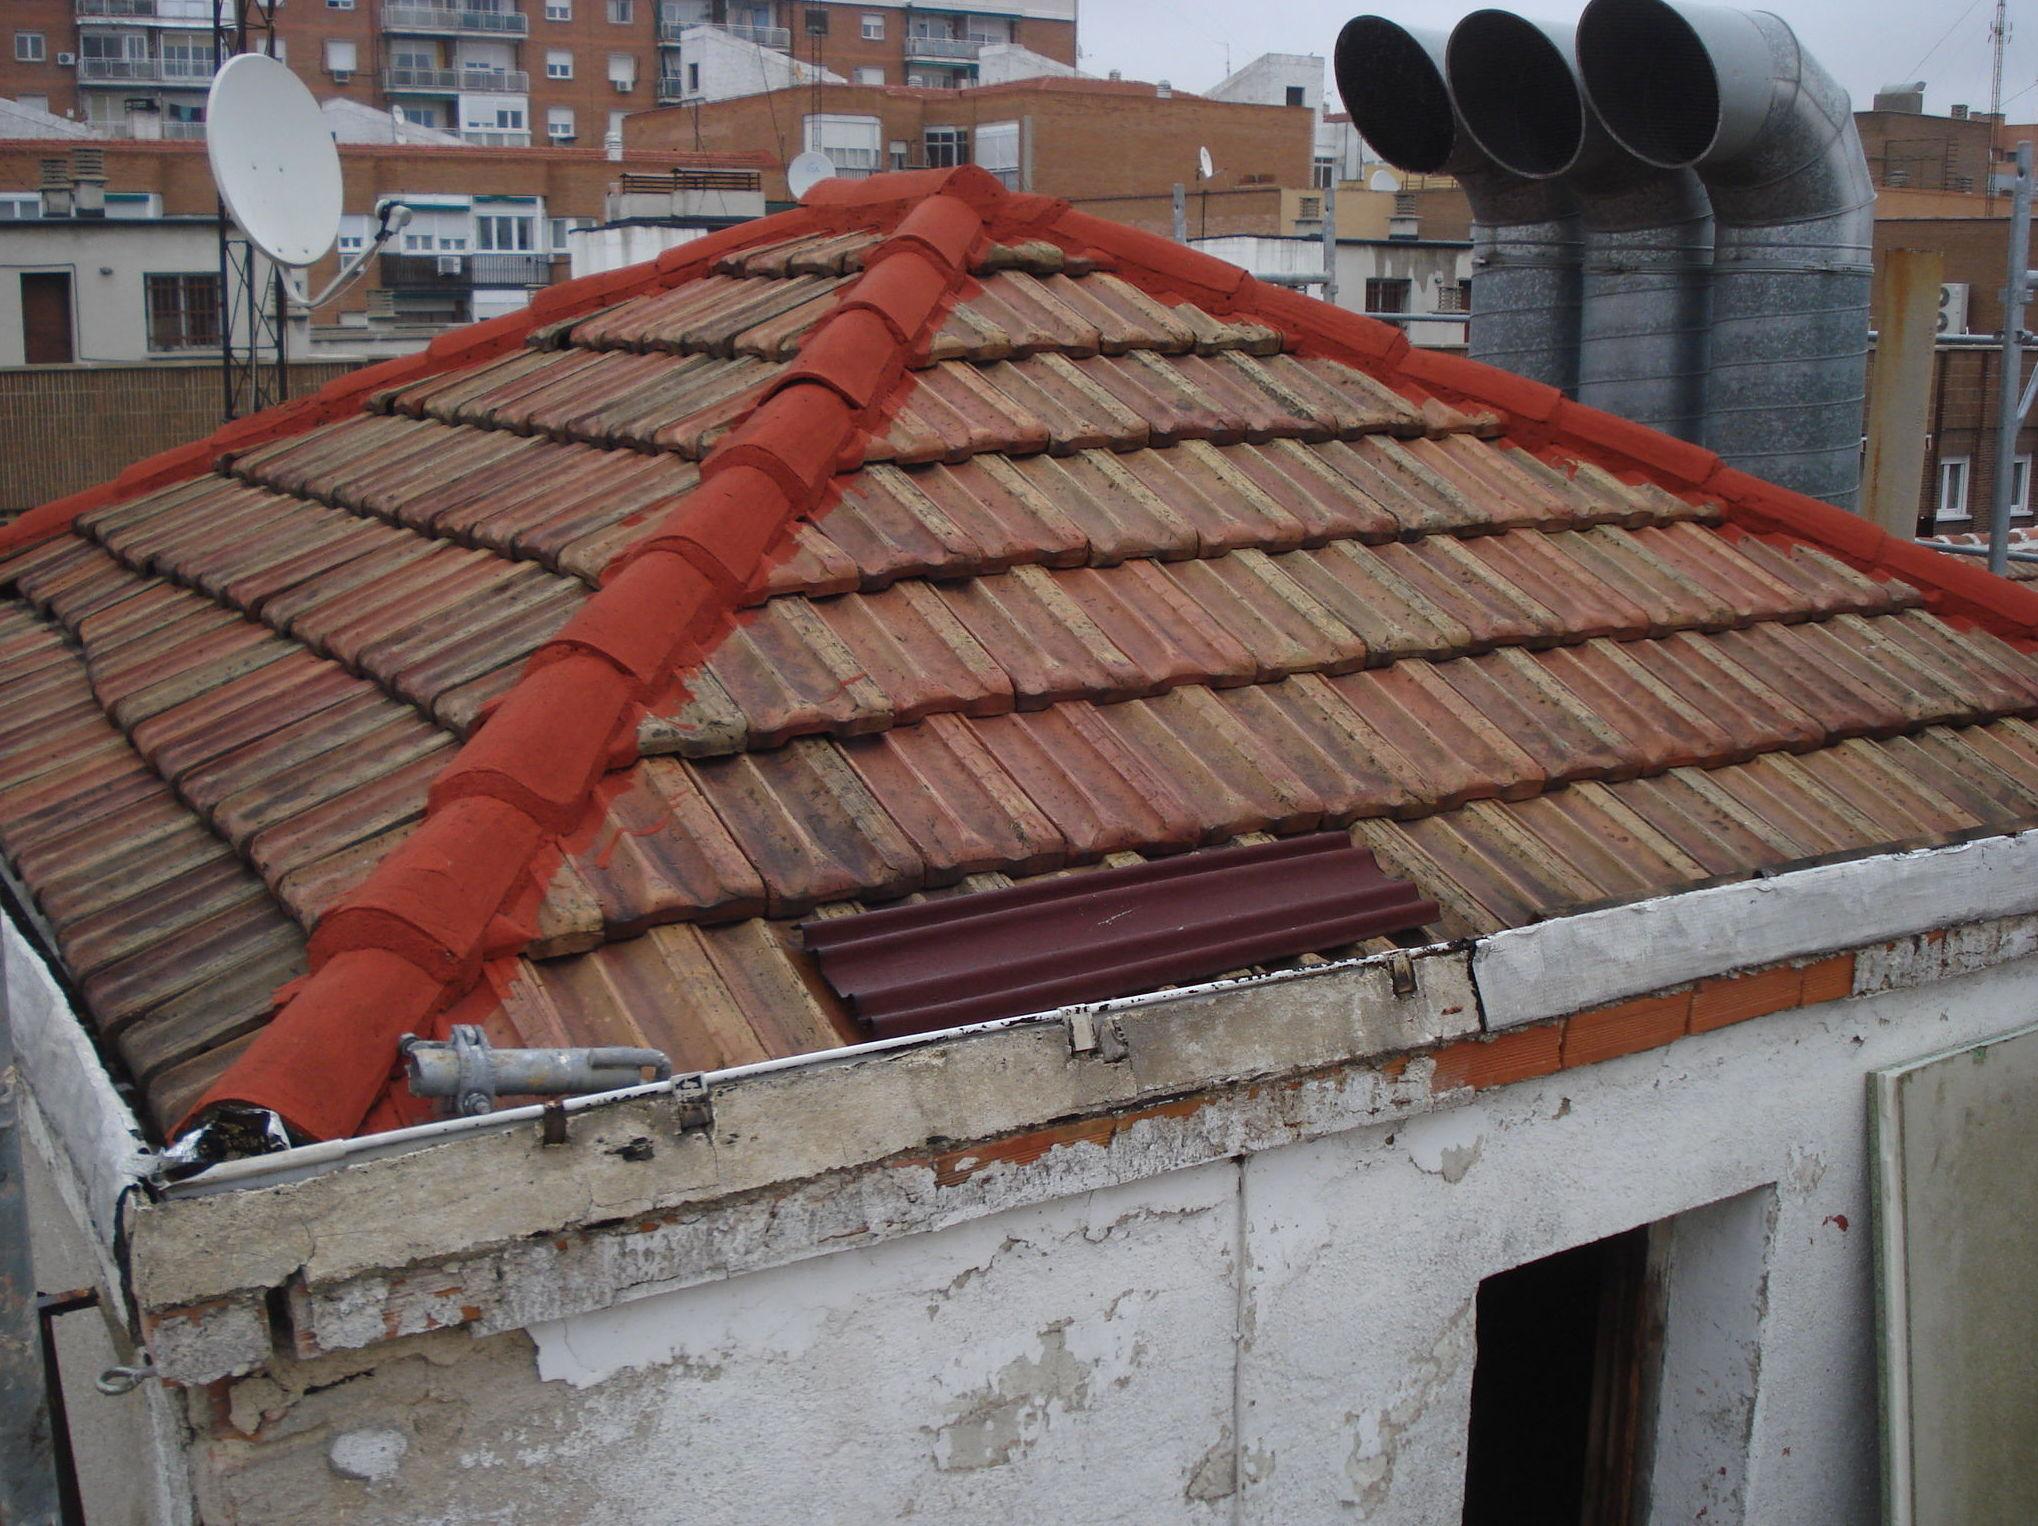 Rehabilitación cubierta teja plana. Estado anterior